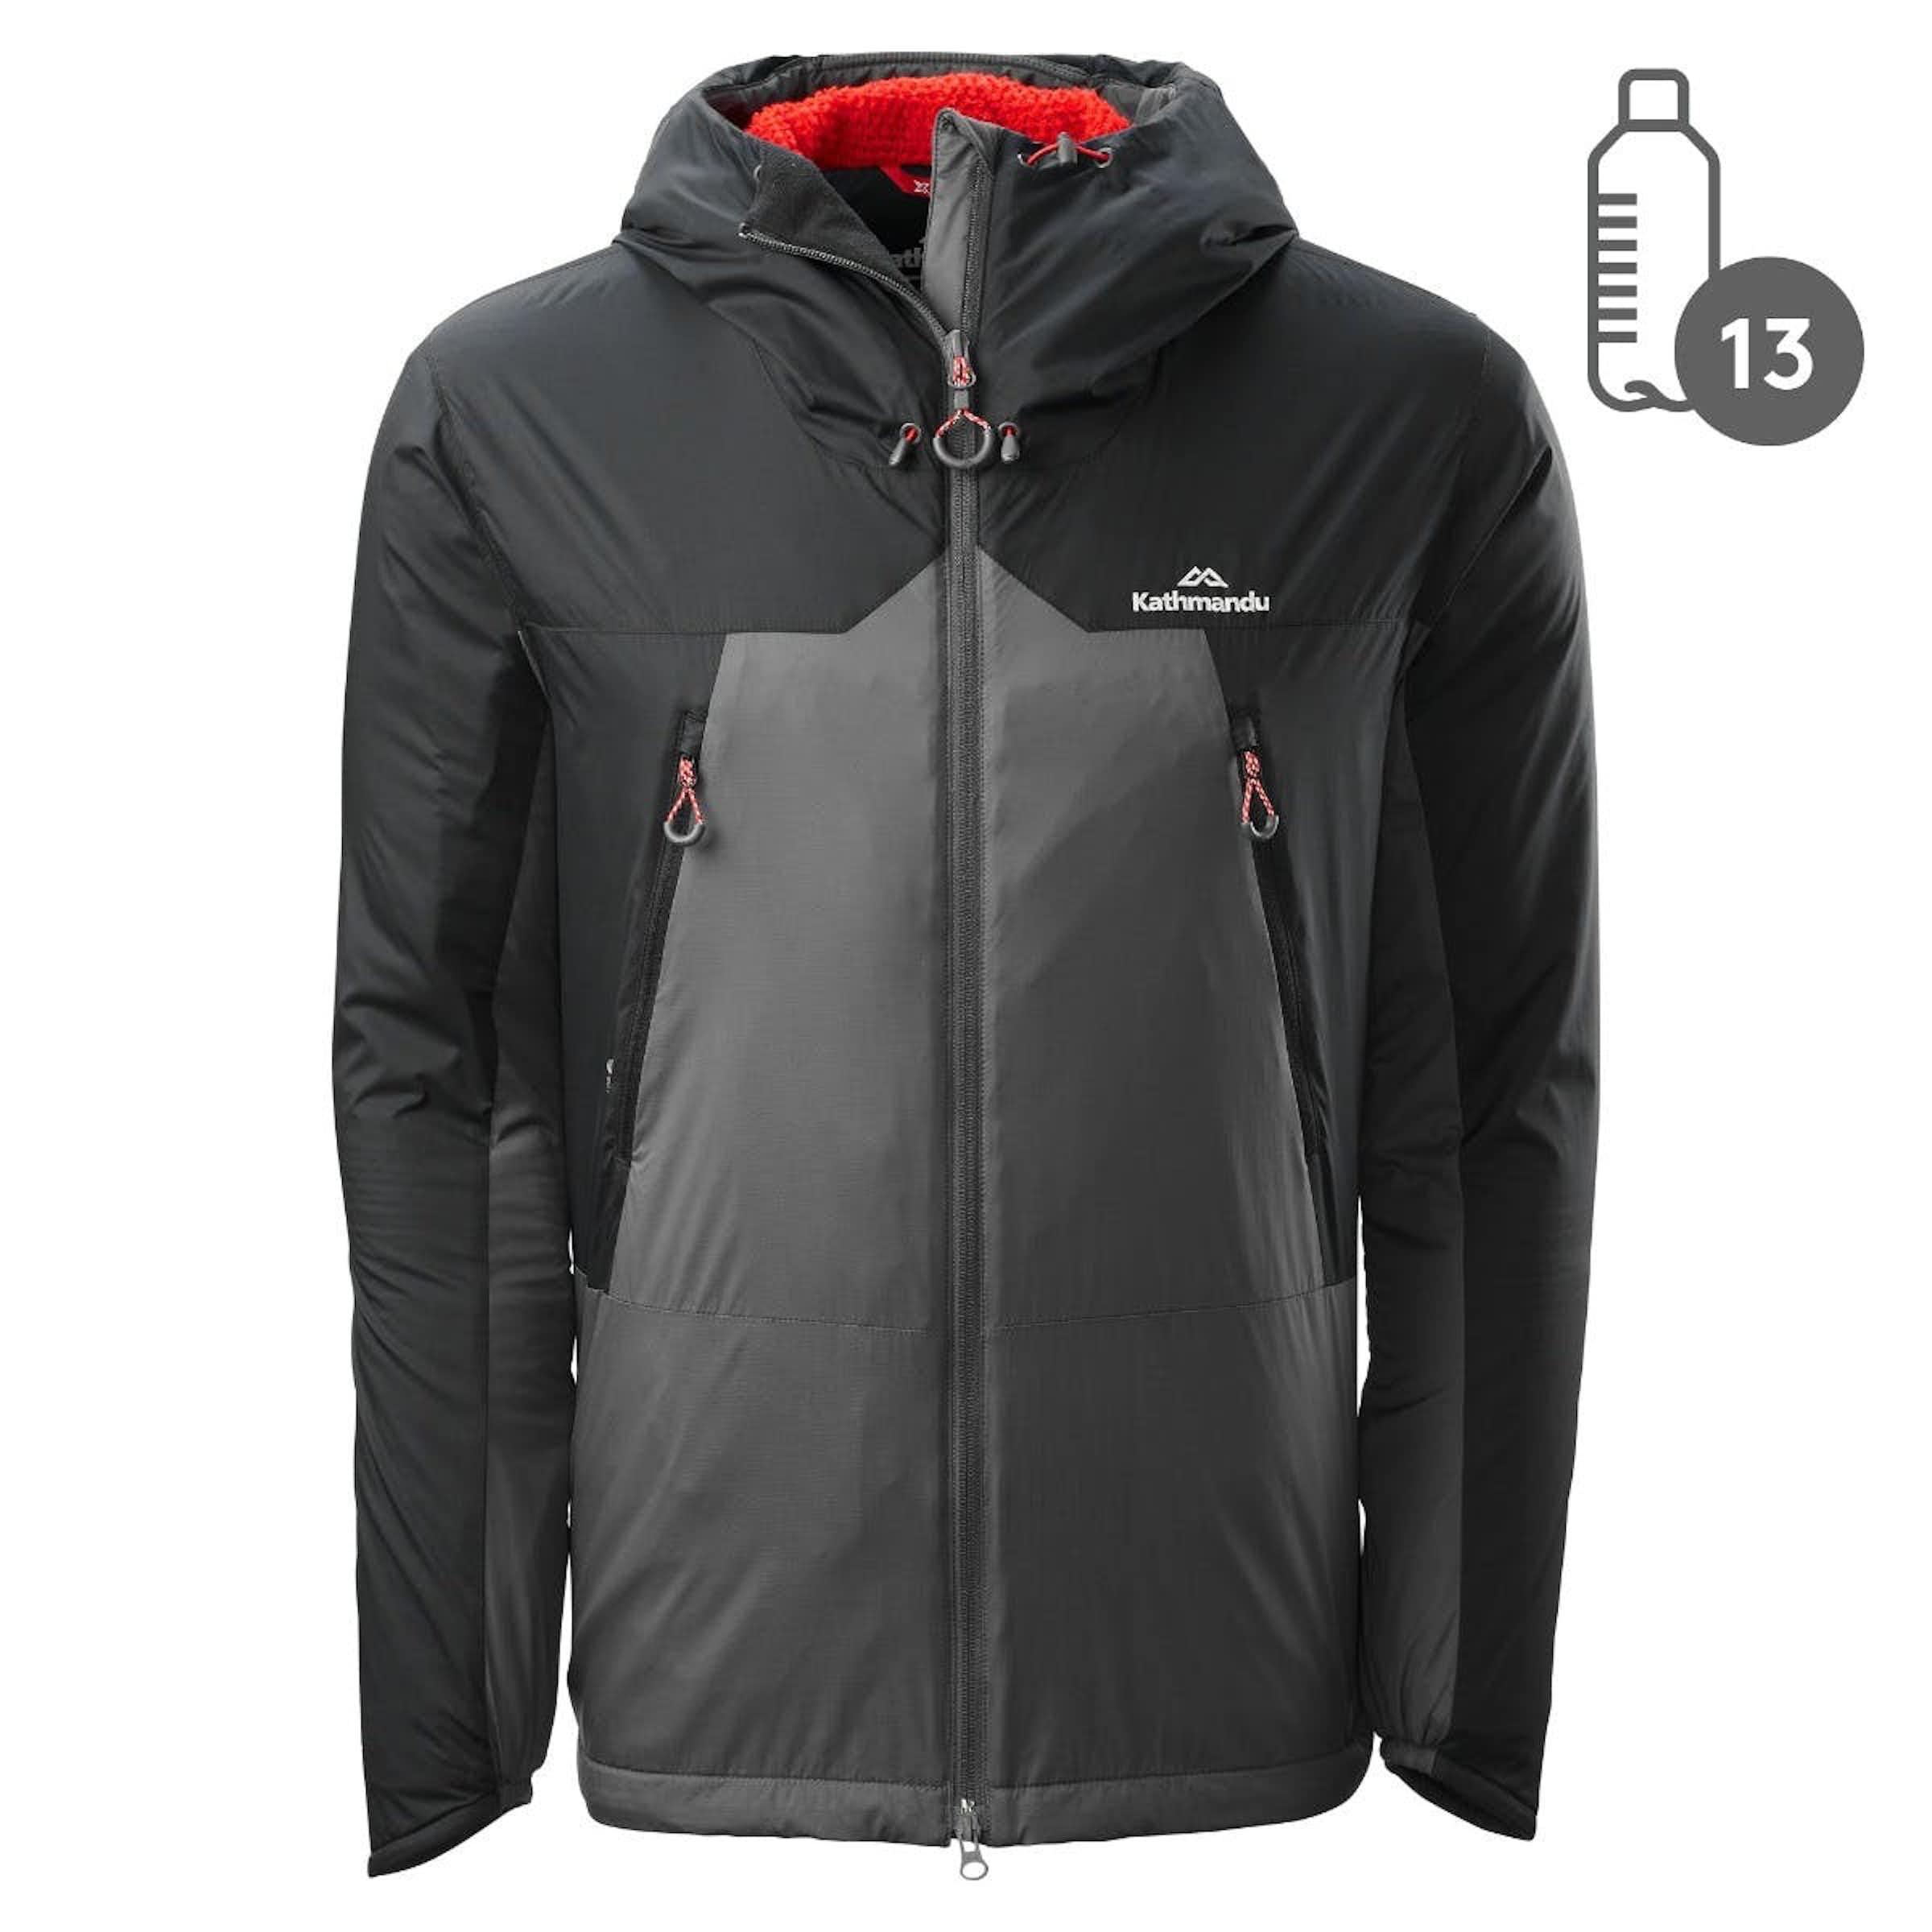 ff183c6a114c XT Exmoor Men s Jacket